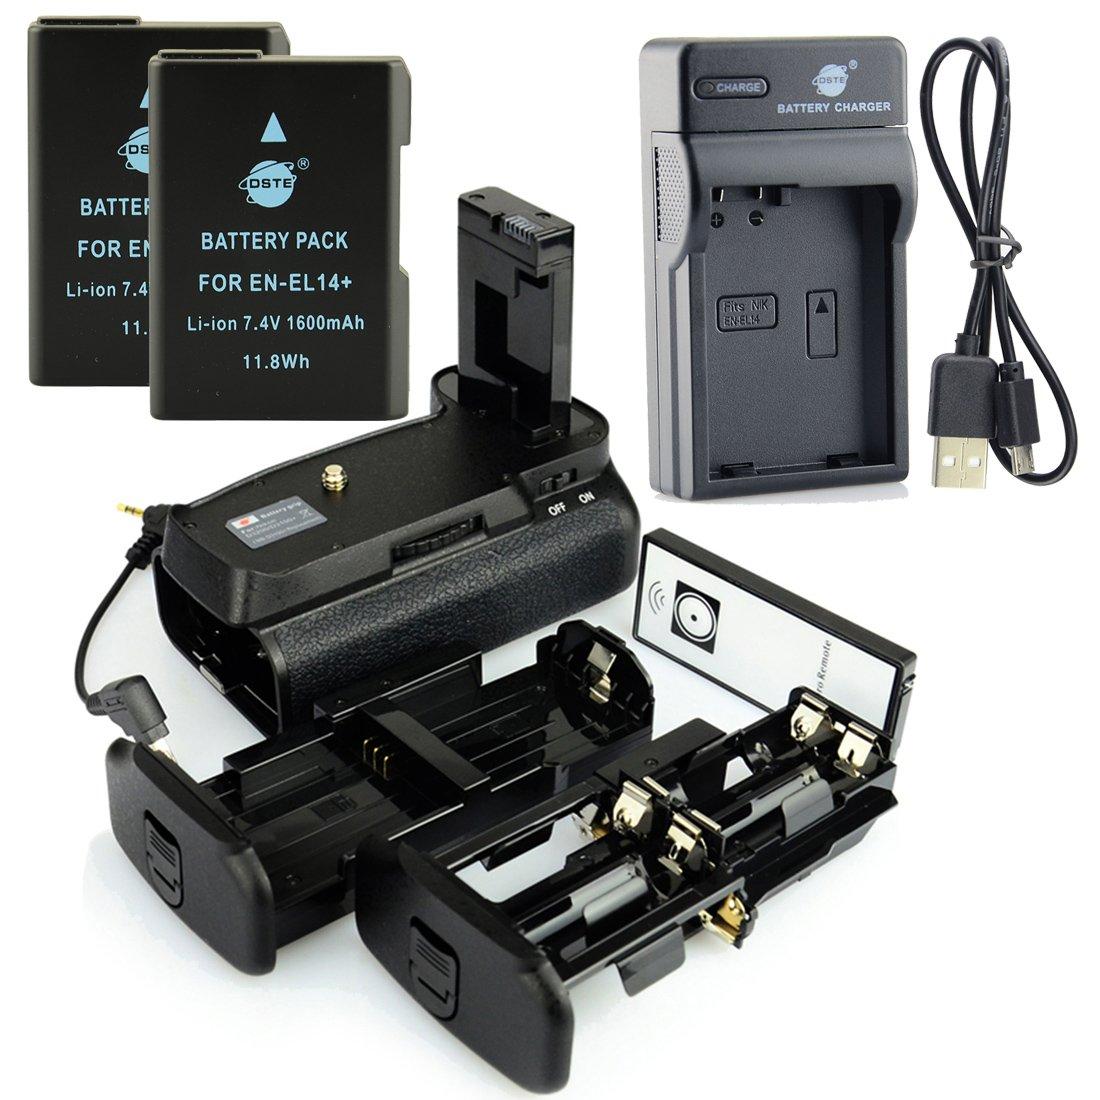 2x EN-EL14 Batteria DSTE IR Remote MB-D31 Vertical Impugnatura Batteria USB Caricabatteria per Nikon D3100 D3200 D3300 D5300